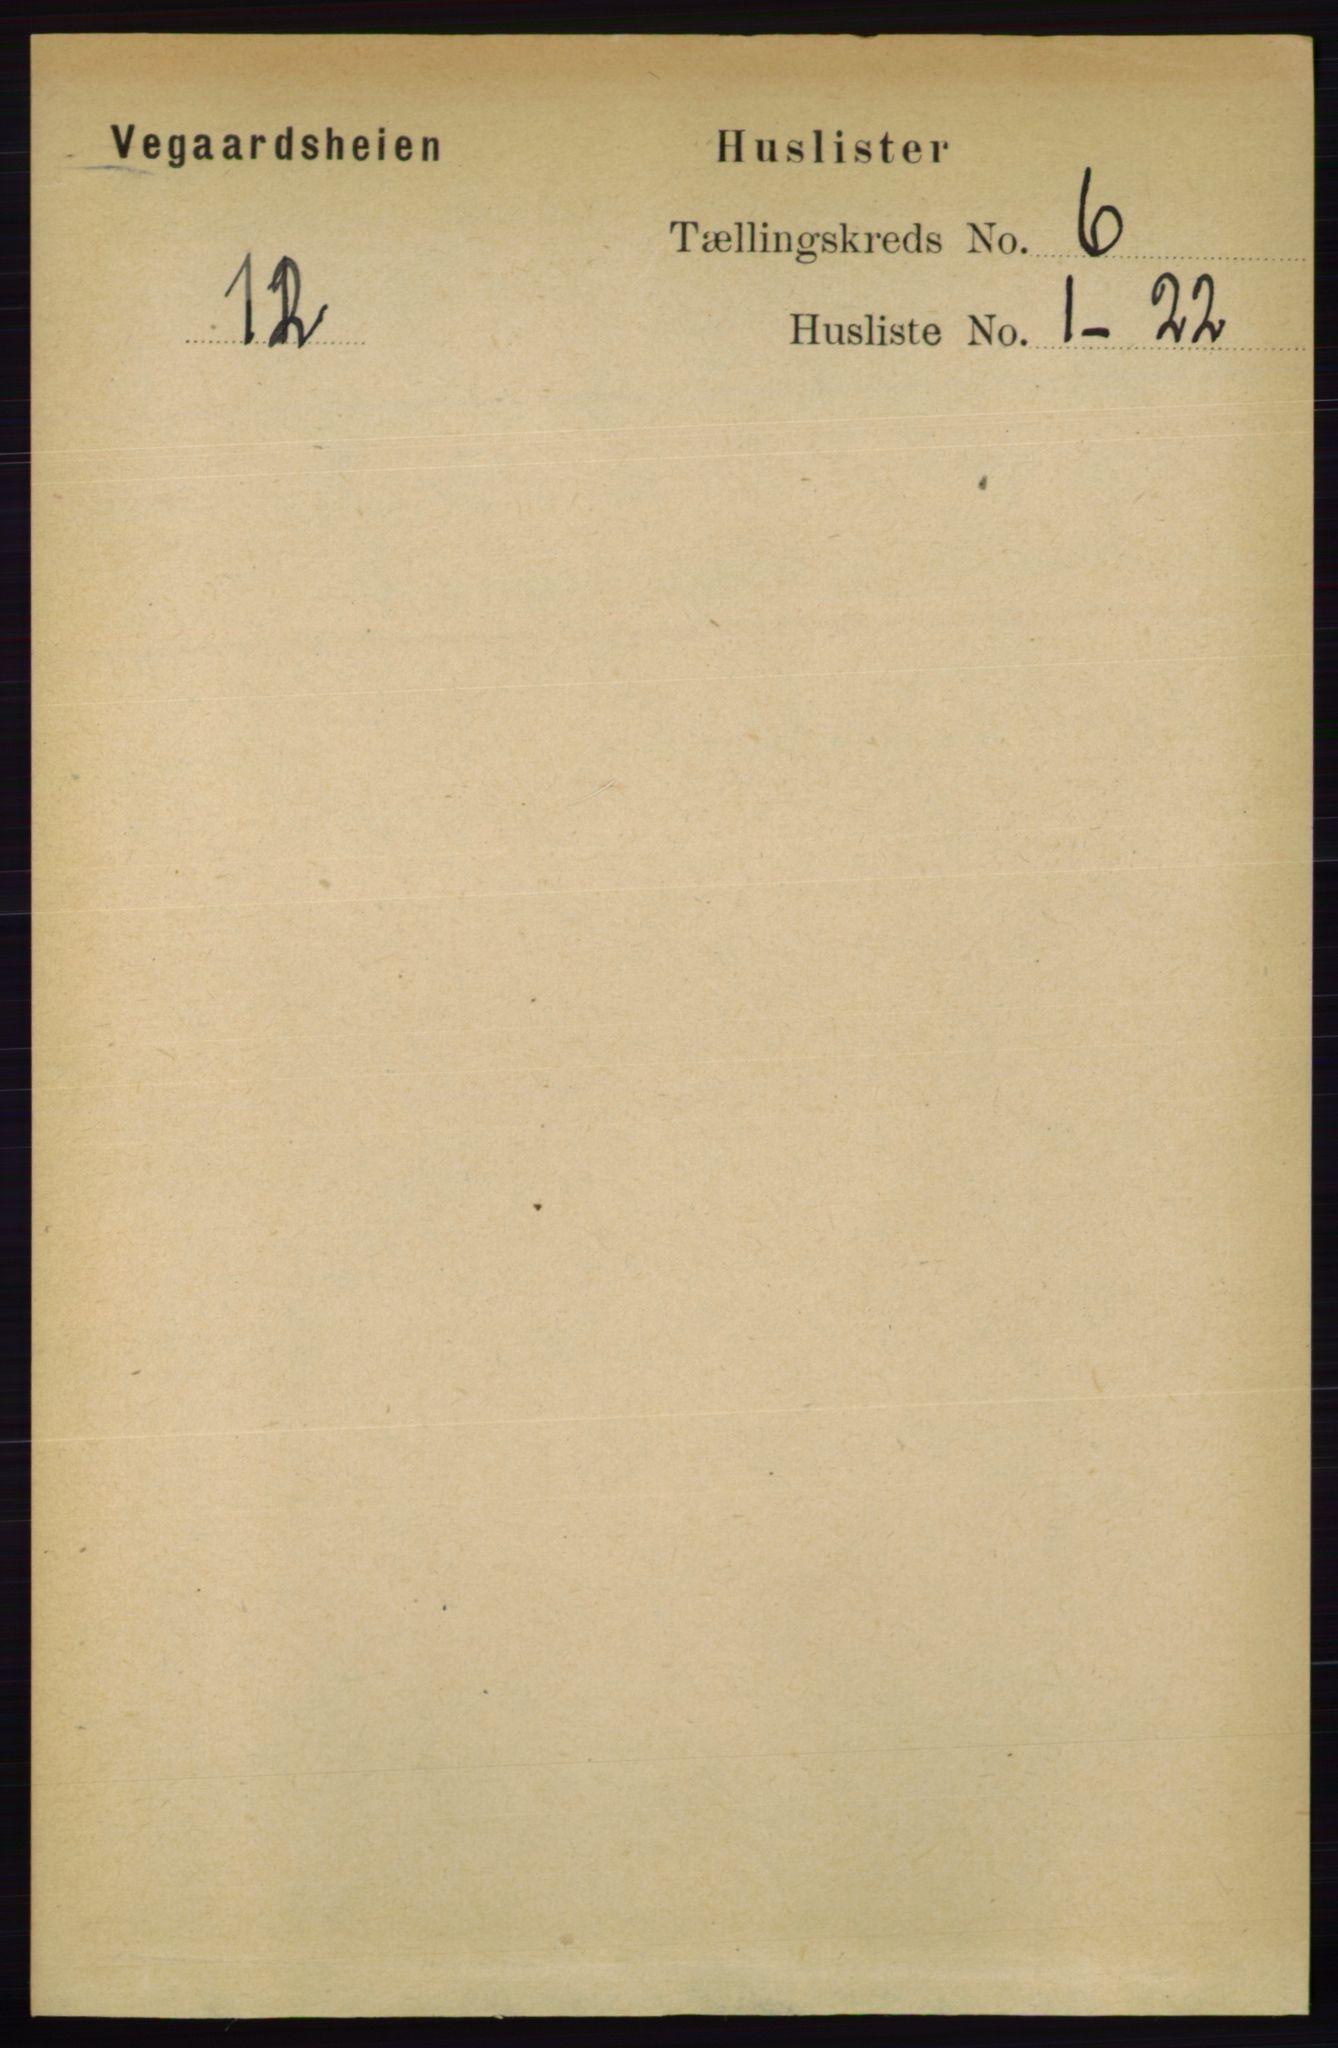 RA, Folketelling 1891 for 0912 Vegårshei herred, 1891, s. 1141